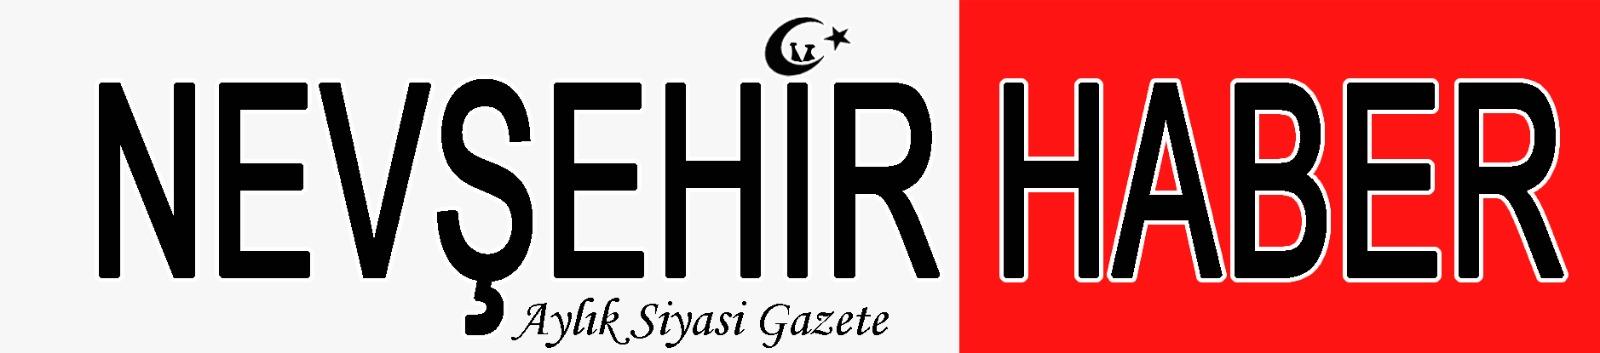 Nevşehir'in Haberi